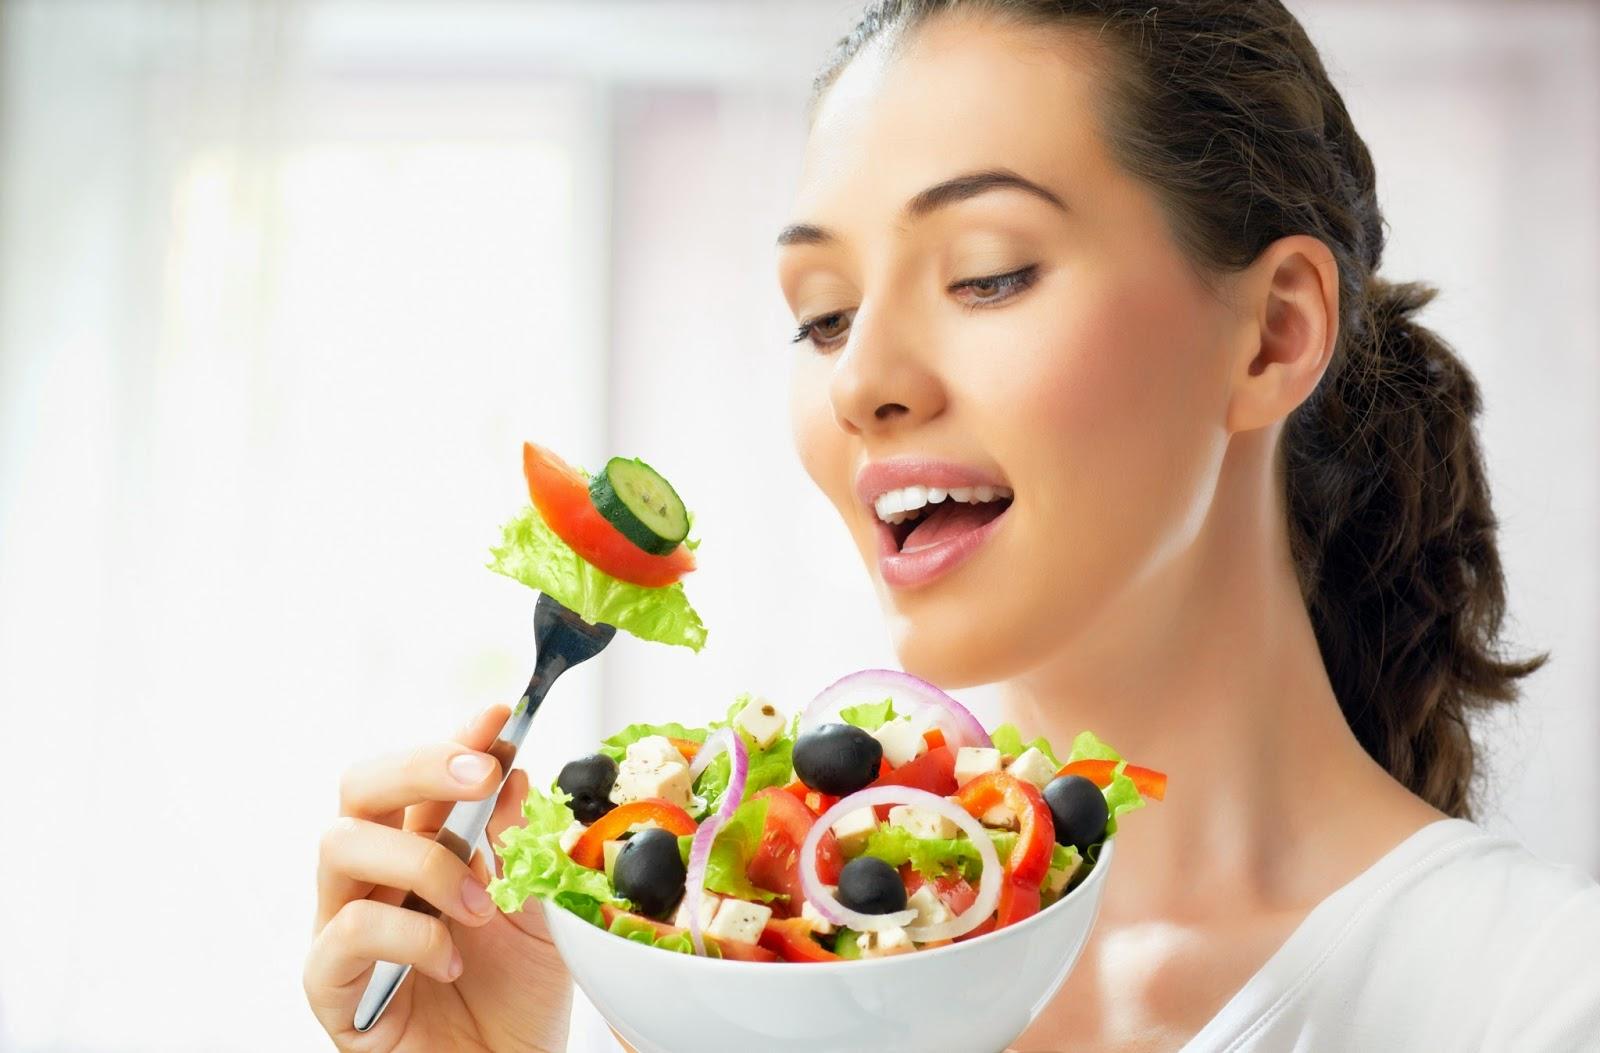 Kết quả hình ảnh cho Ăn 6 bữa nhỏ mỗi ngày thay vì 3 bữa lớn, nên ăn chậm, nhai kỹ.